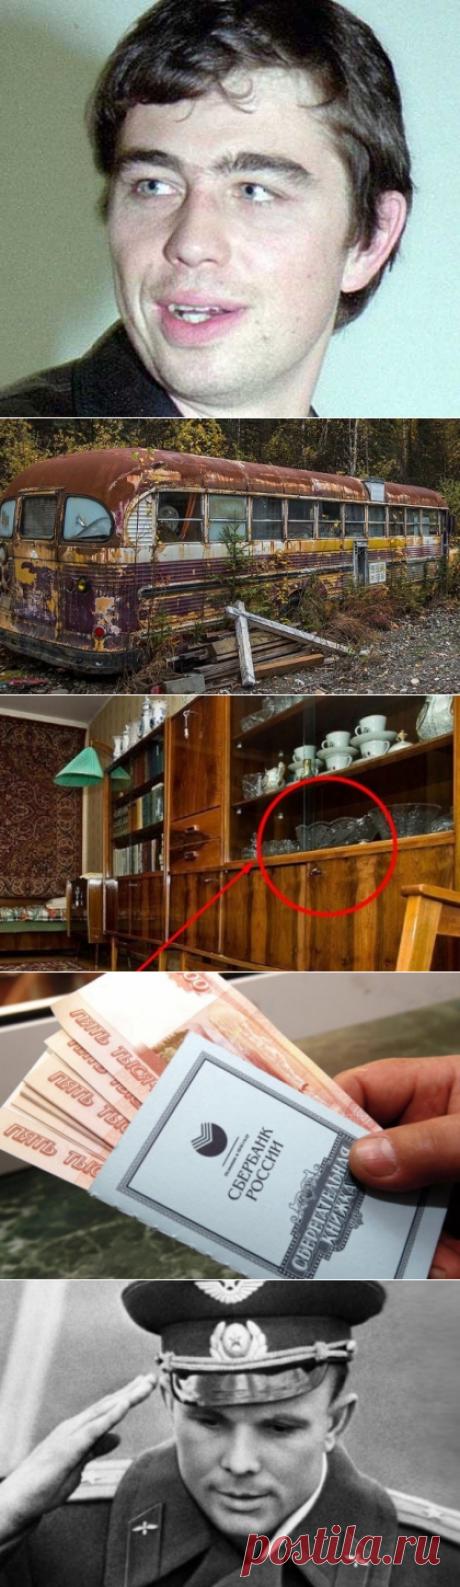 То, что обнаружили рядом с телом Бодрова ужаснуло...